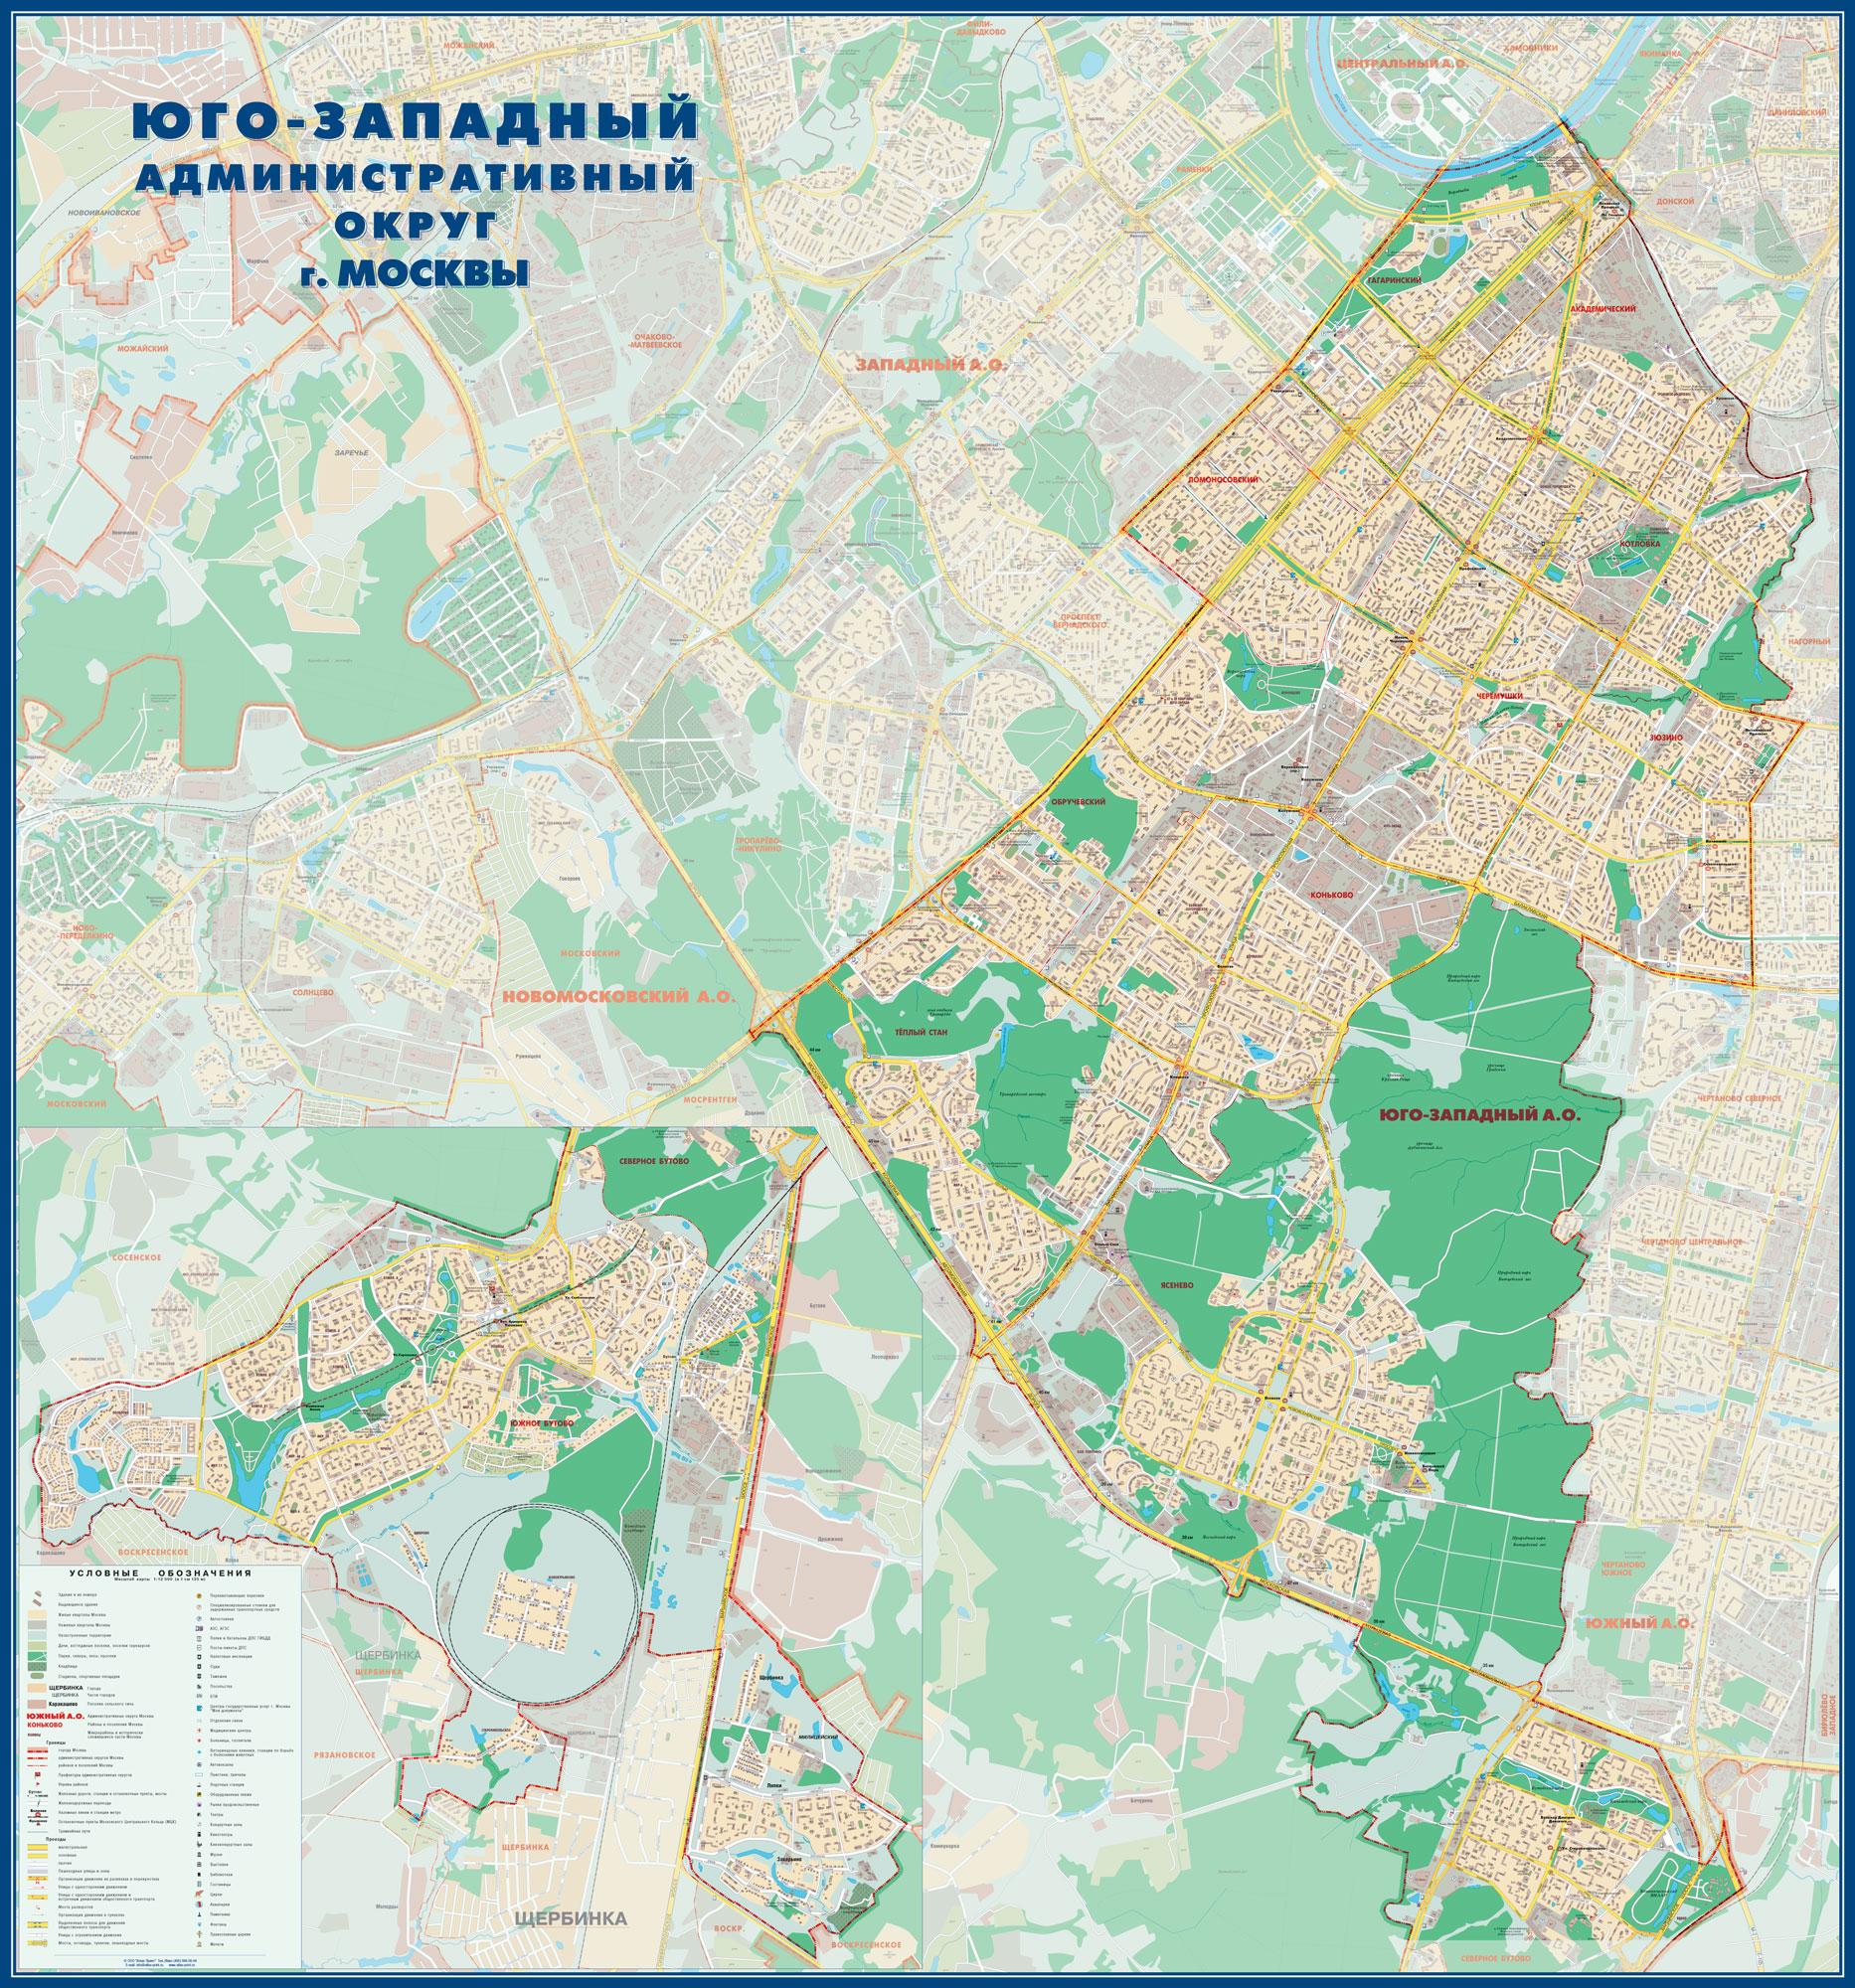 Настенная карта Юго-Западного административного округа Москвы. ЮЗАО размер 1,40х1,50 м. выполняется на заказ